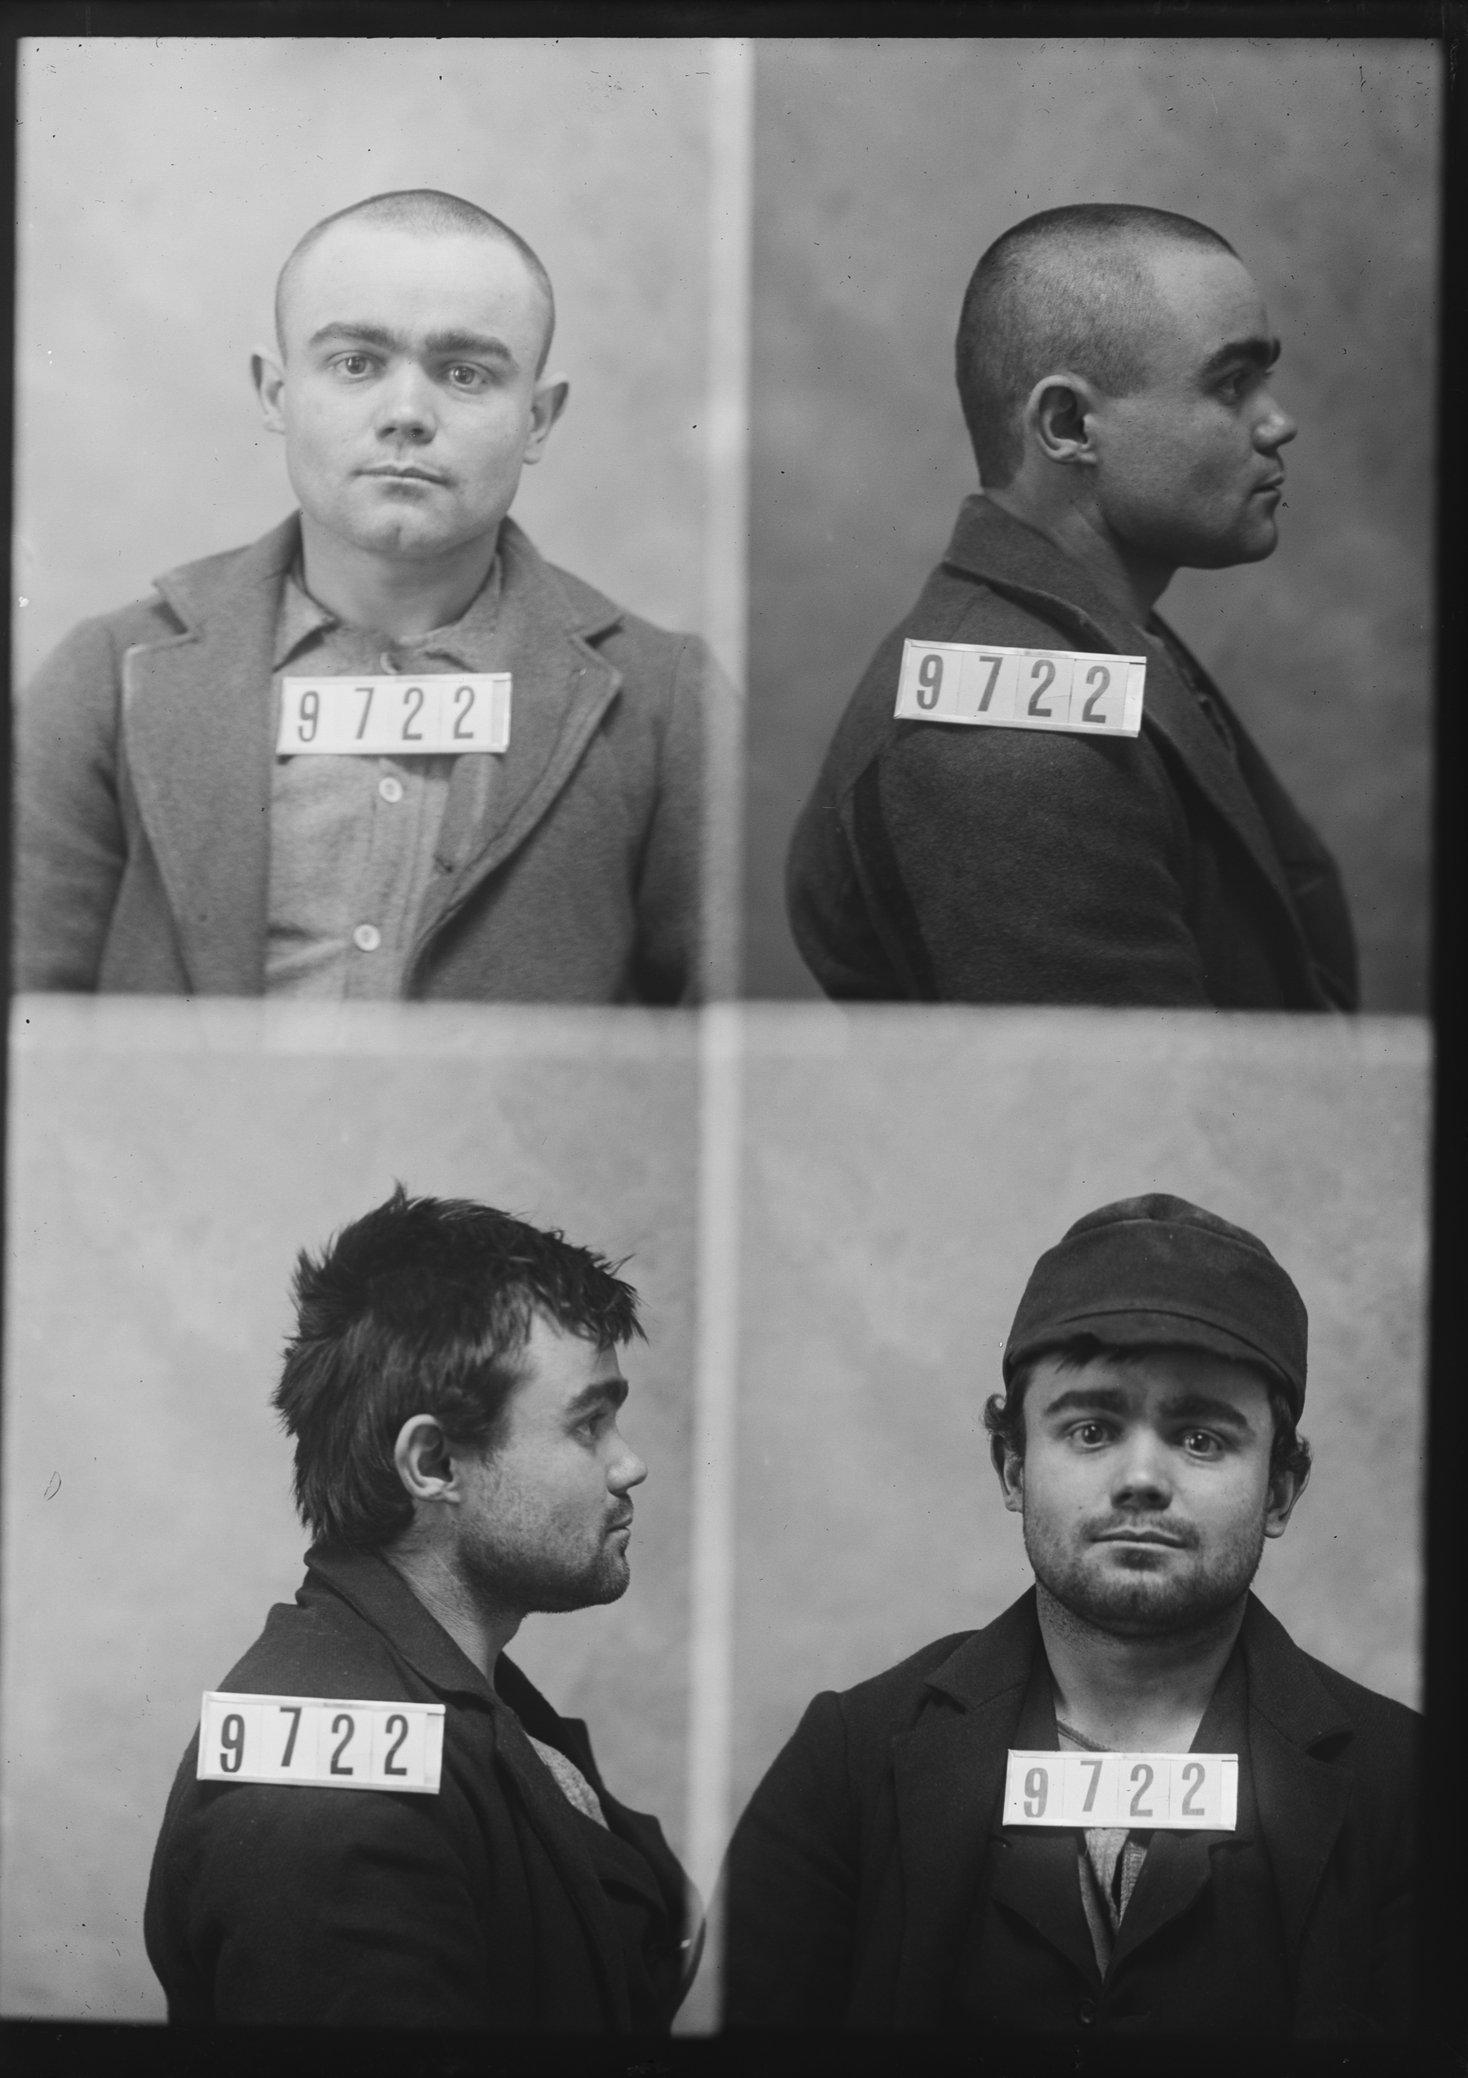 William Bales, prisoner 9722